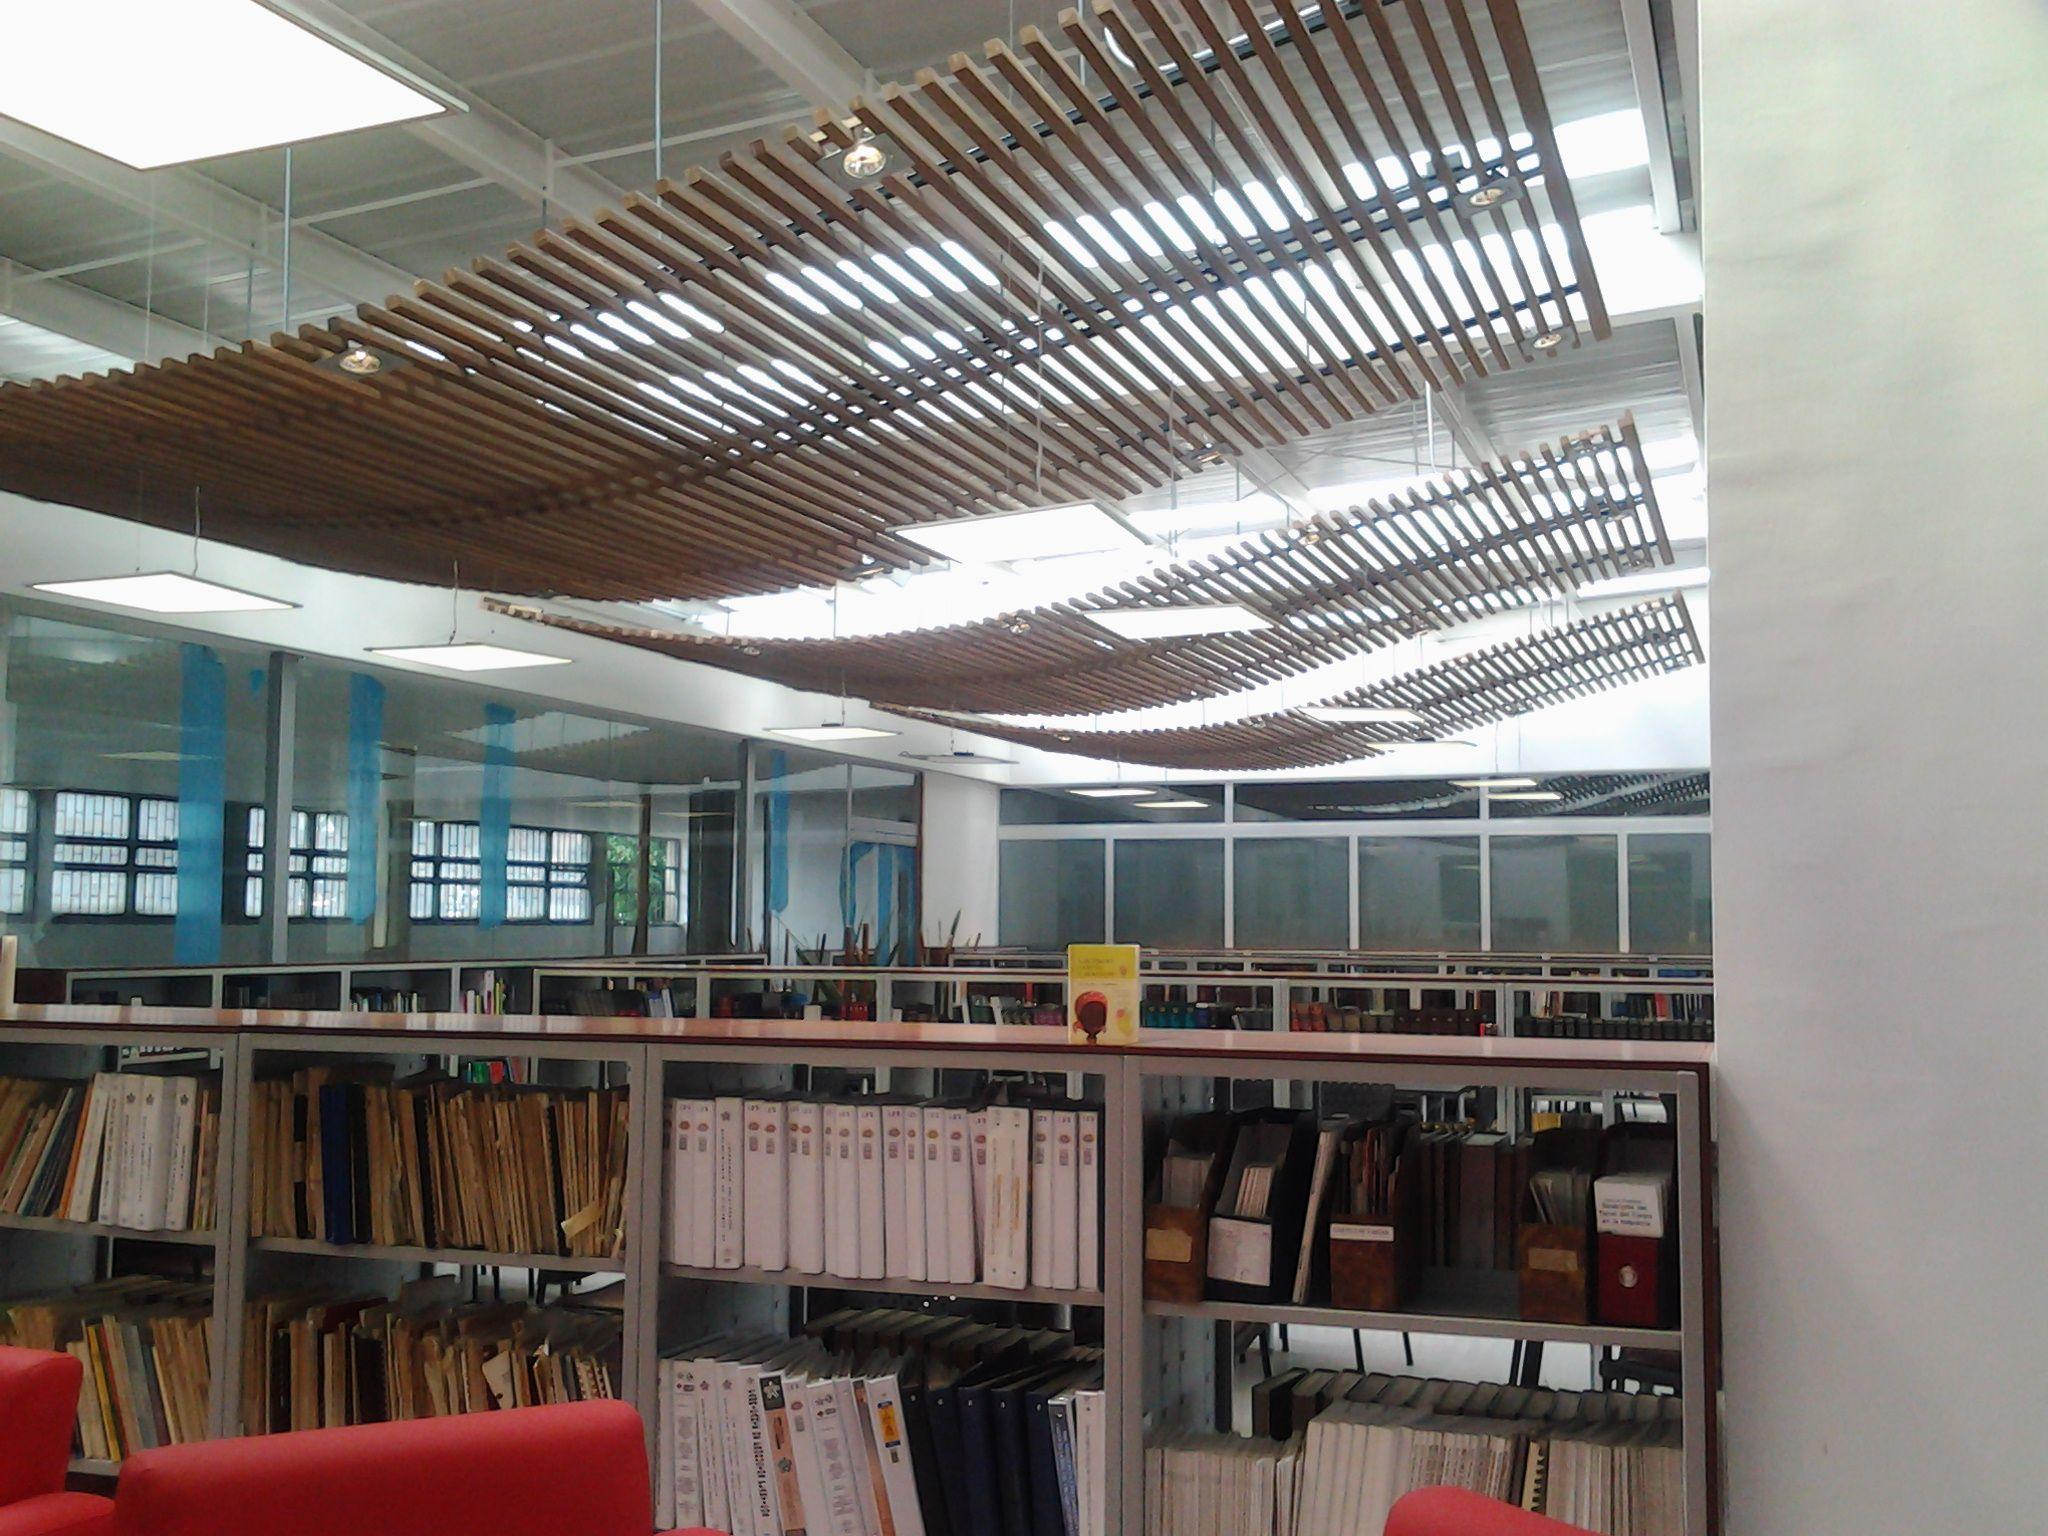 Colecciones biblioteca Complejo Sur en Bogotá